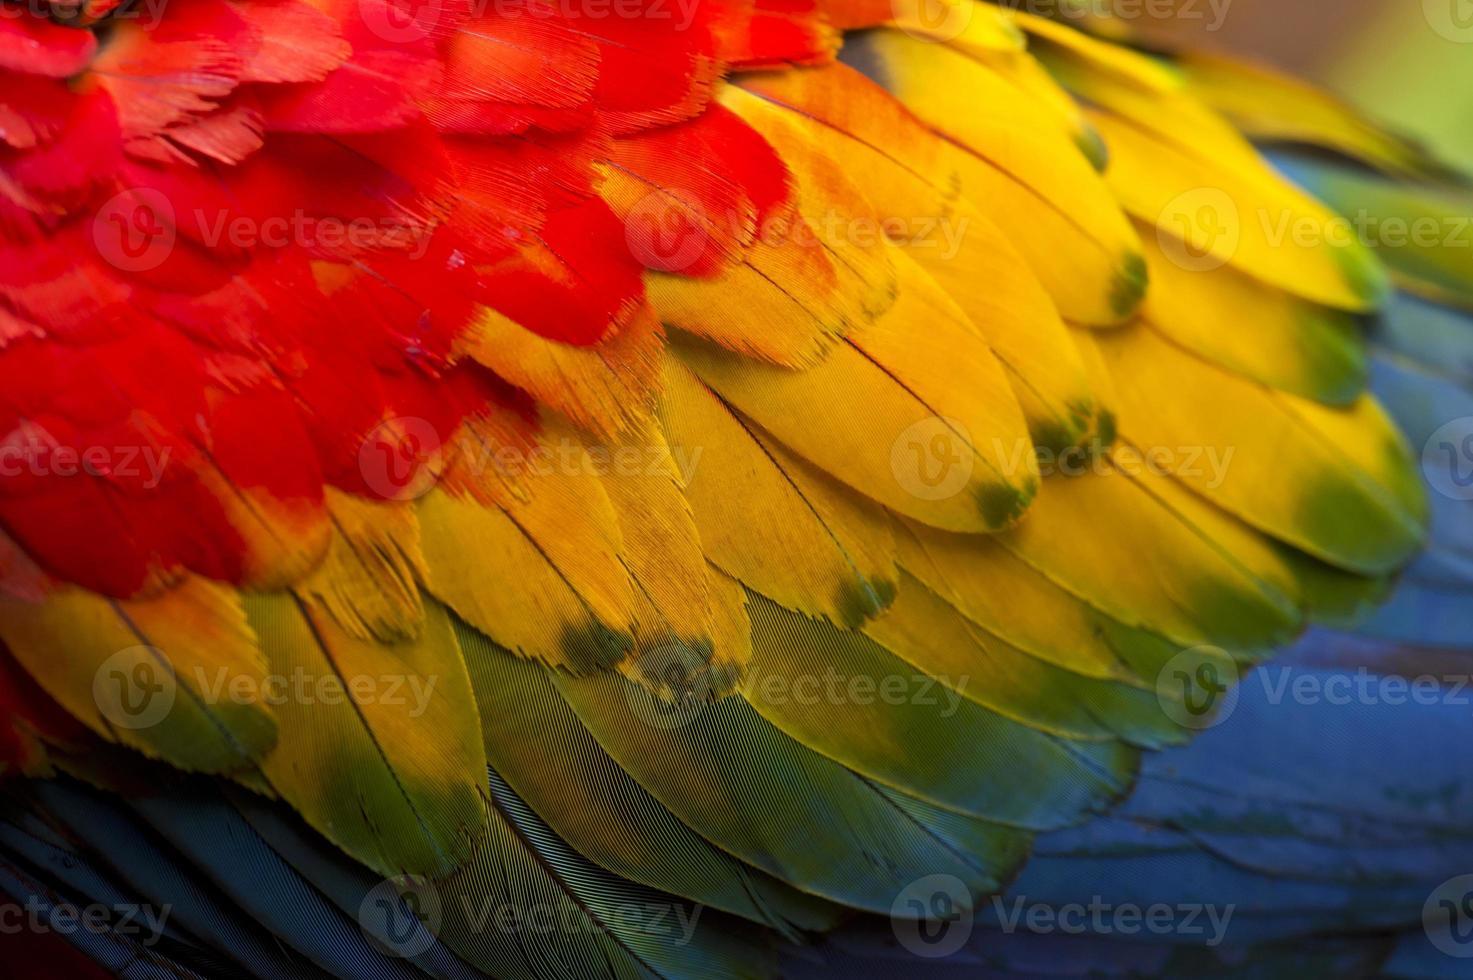 plumas de colores de una guacamaya roja foto